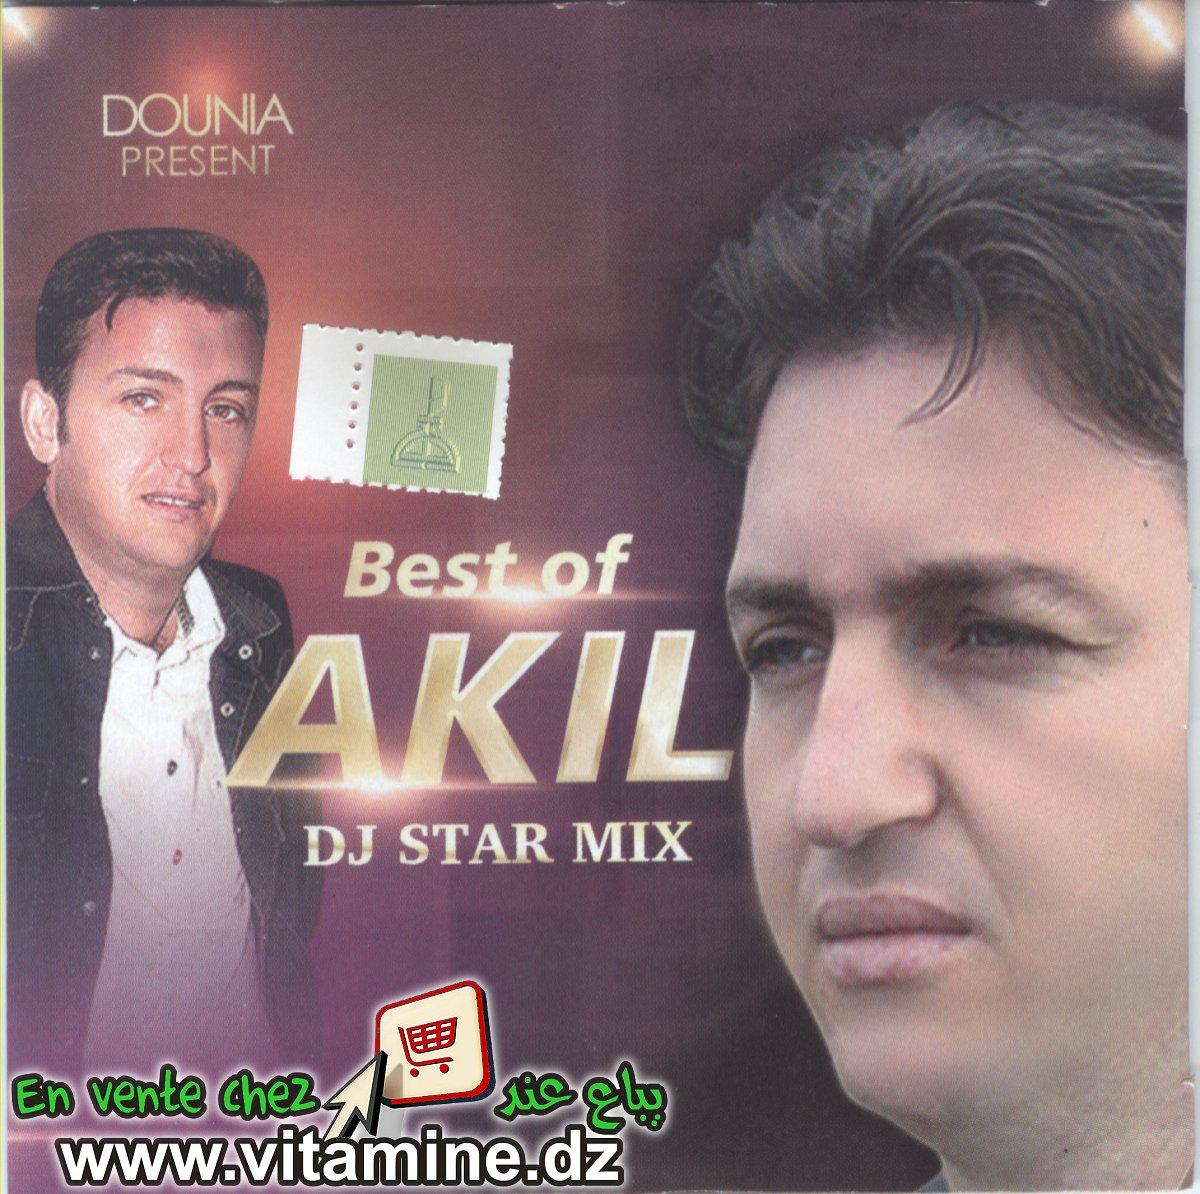 Cheb Akil - Best of (dj star mix)